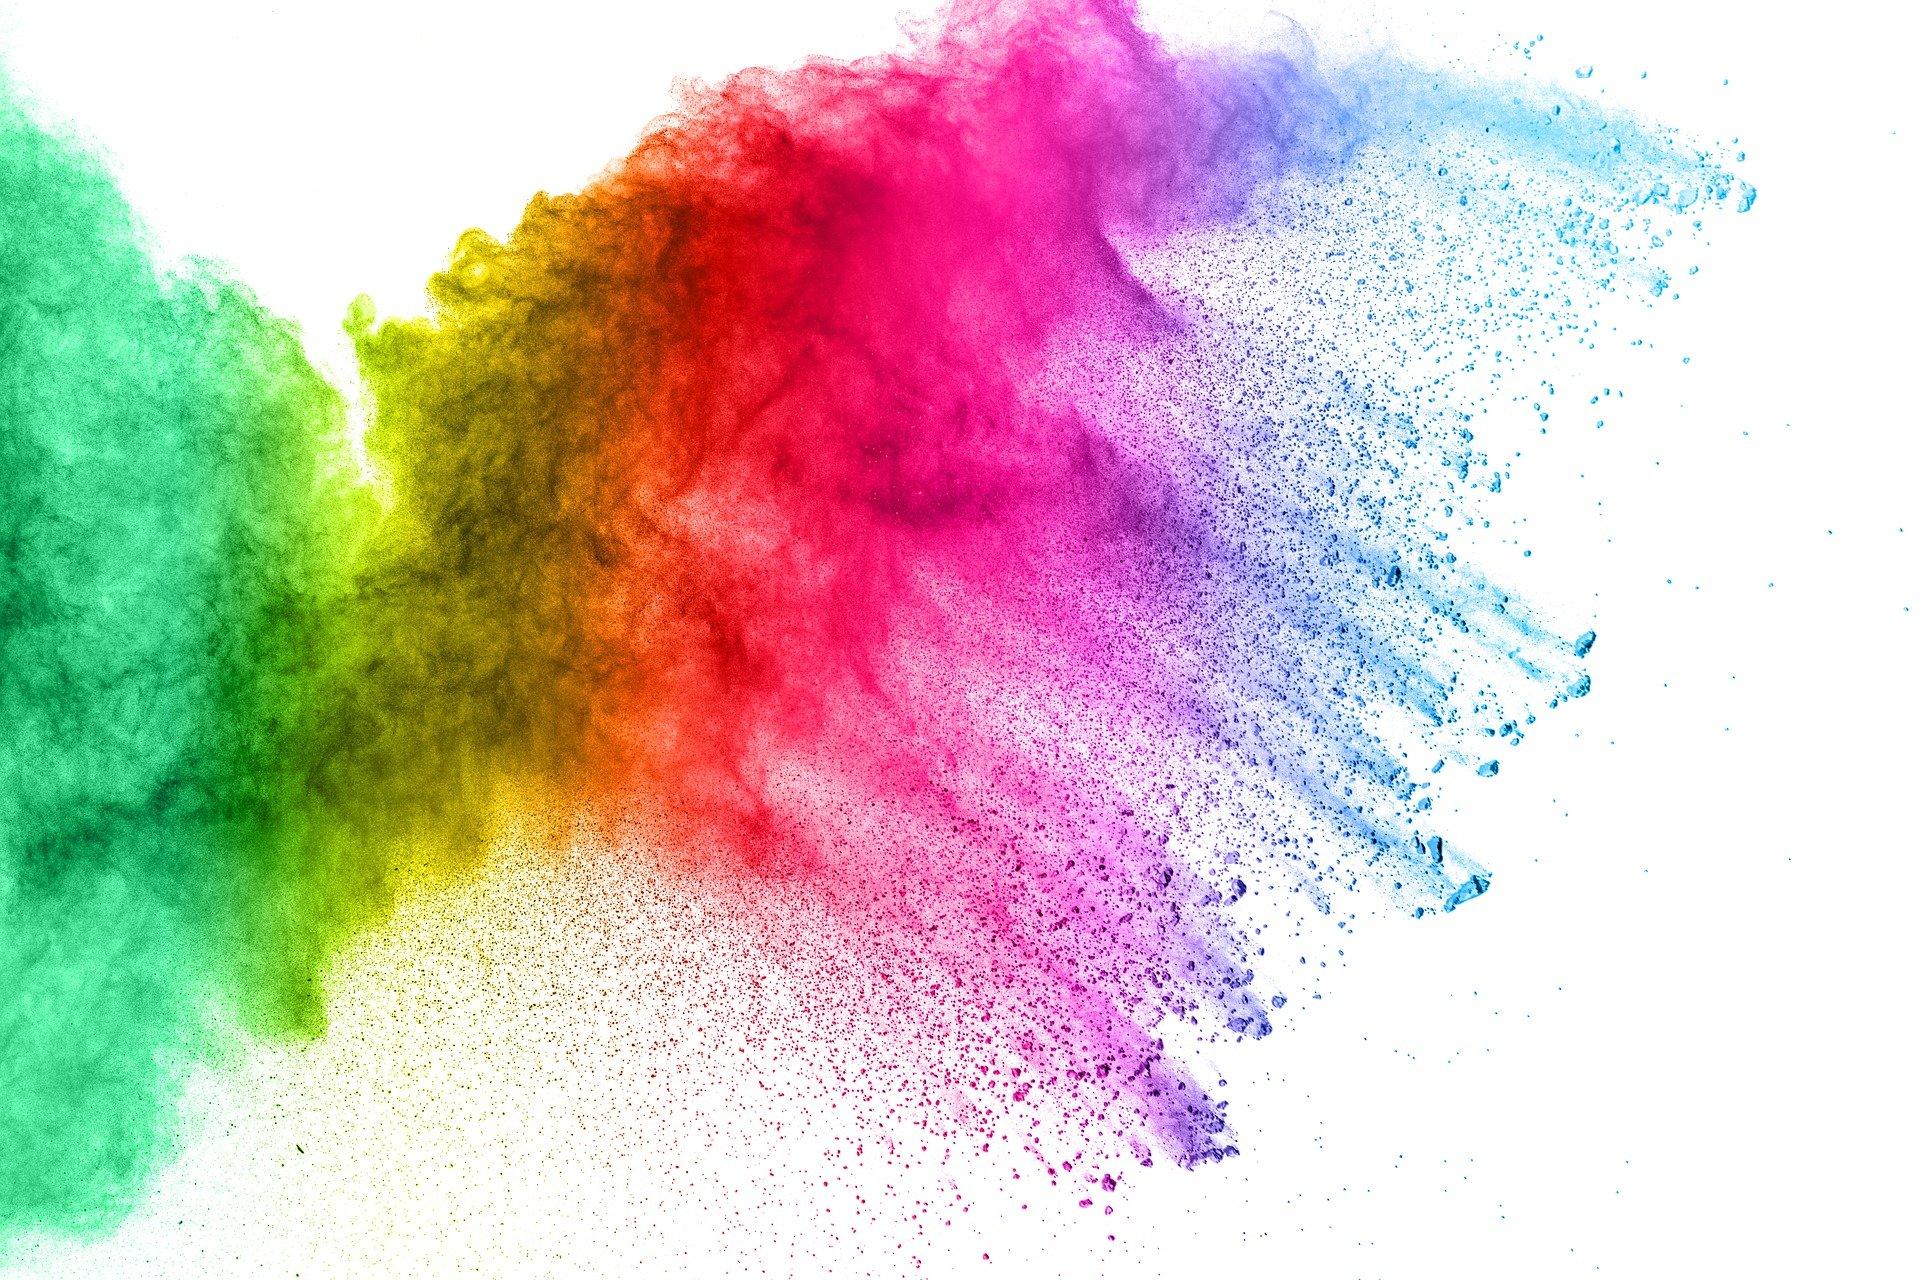 Regenbogenfarben - Holi Festival